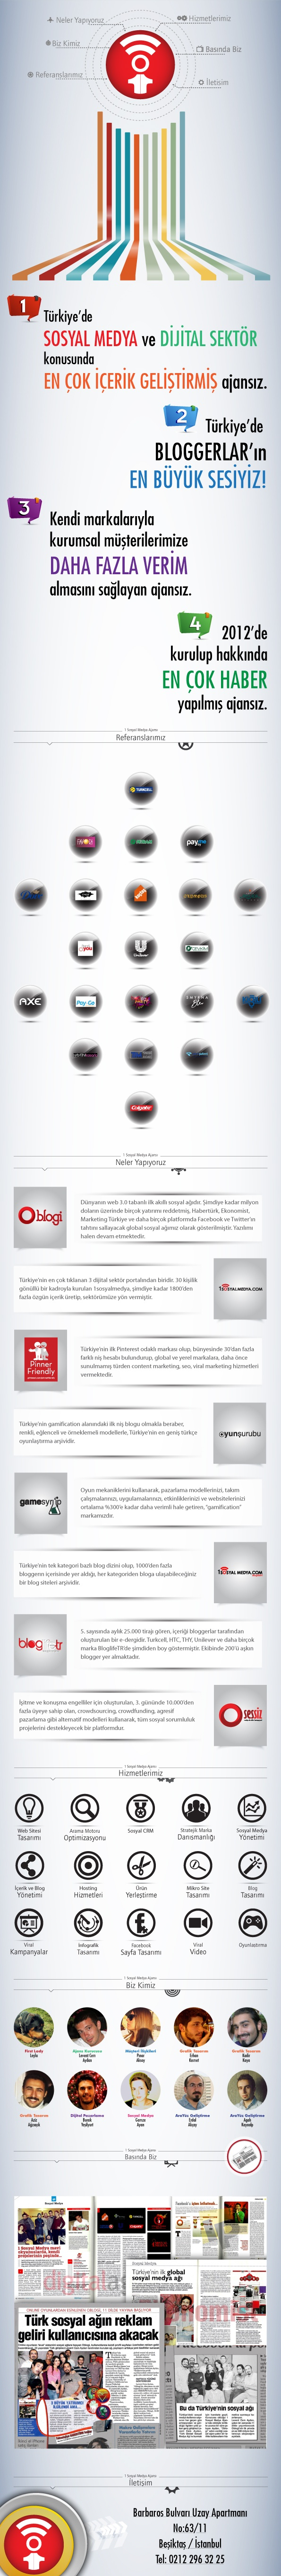 1 Sosyal Medya Ajansı İnfografik